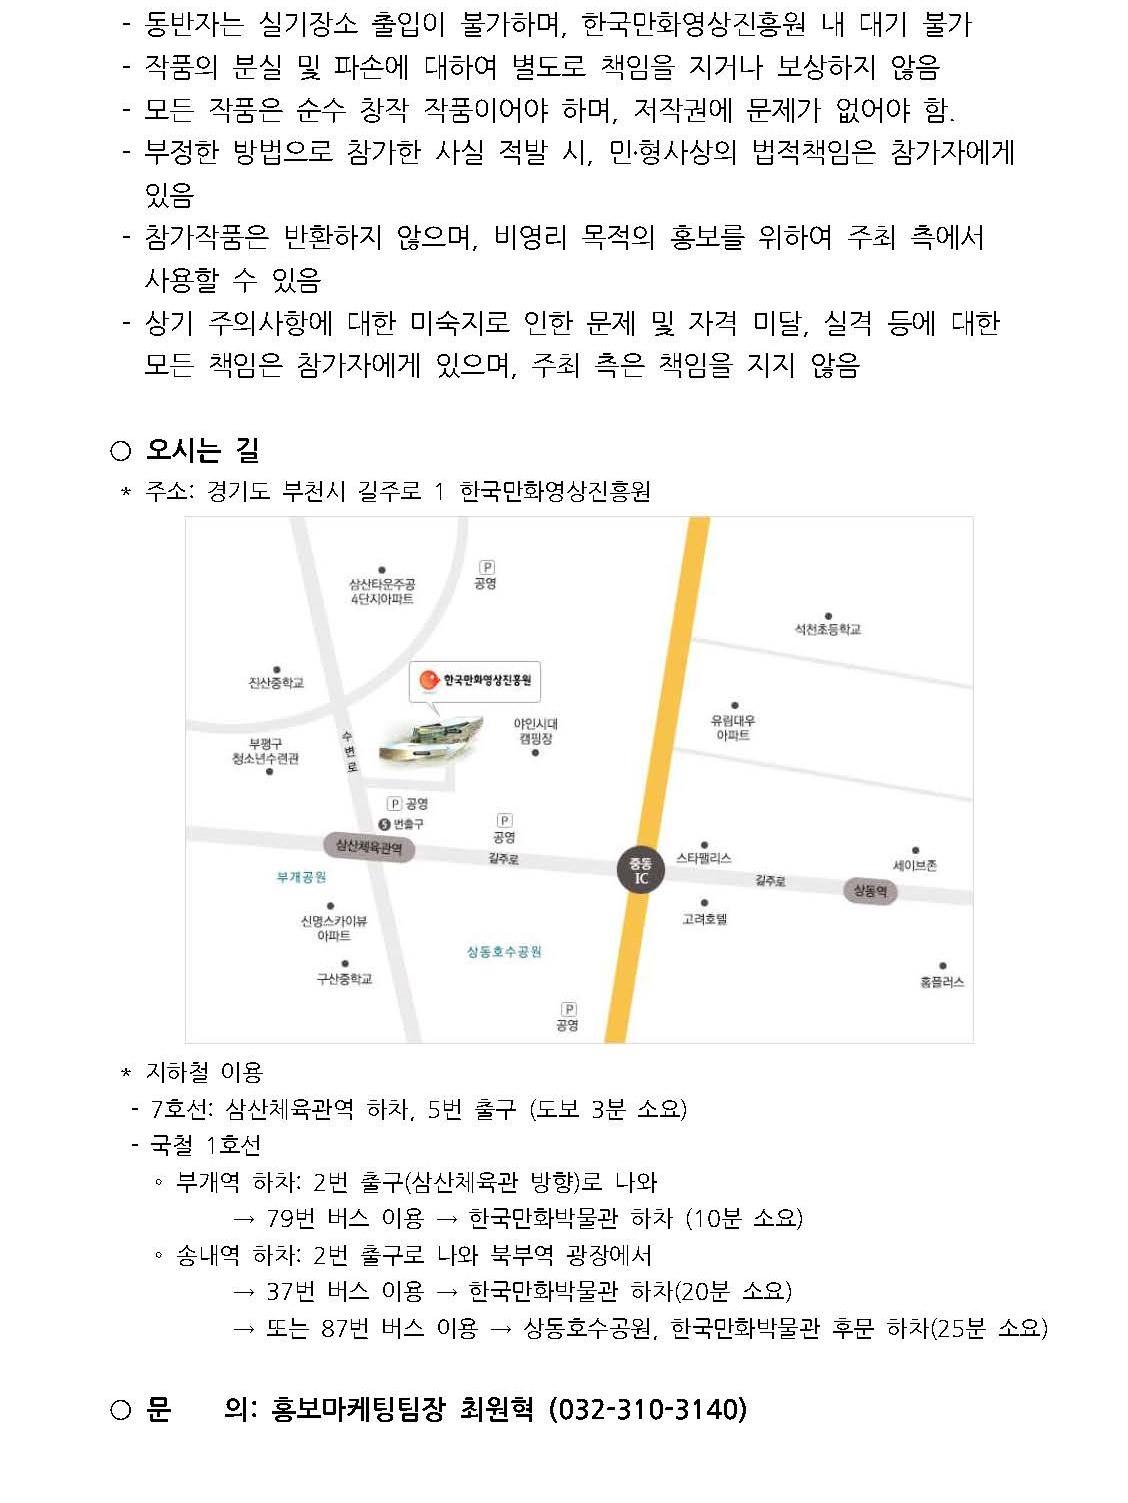 제21회 전국학생만화공모전 실기대회 안내문_페이지_2.jpg